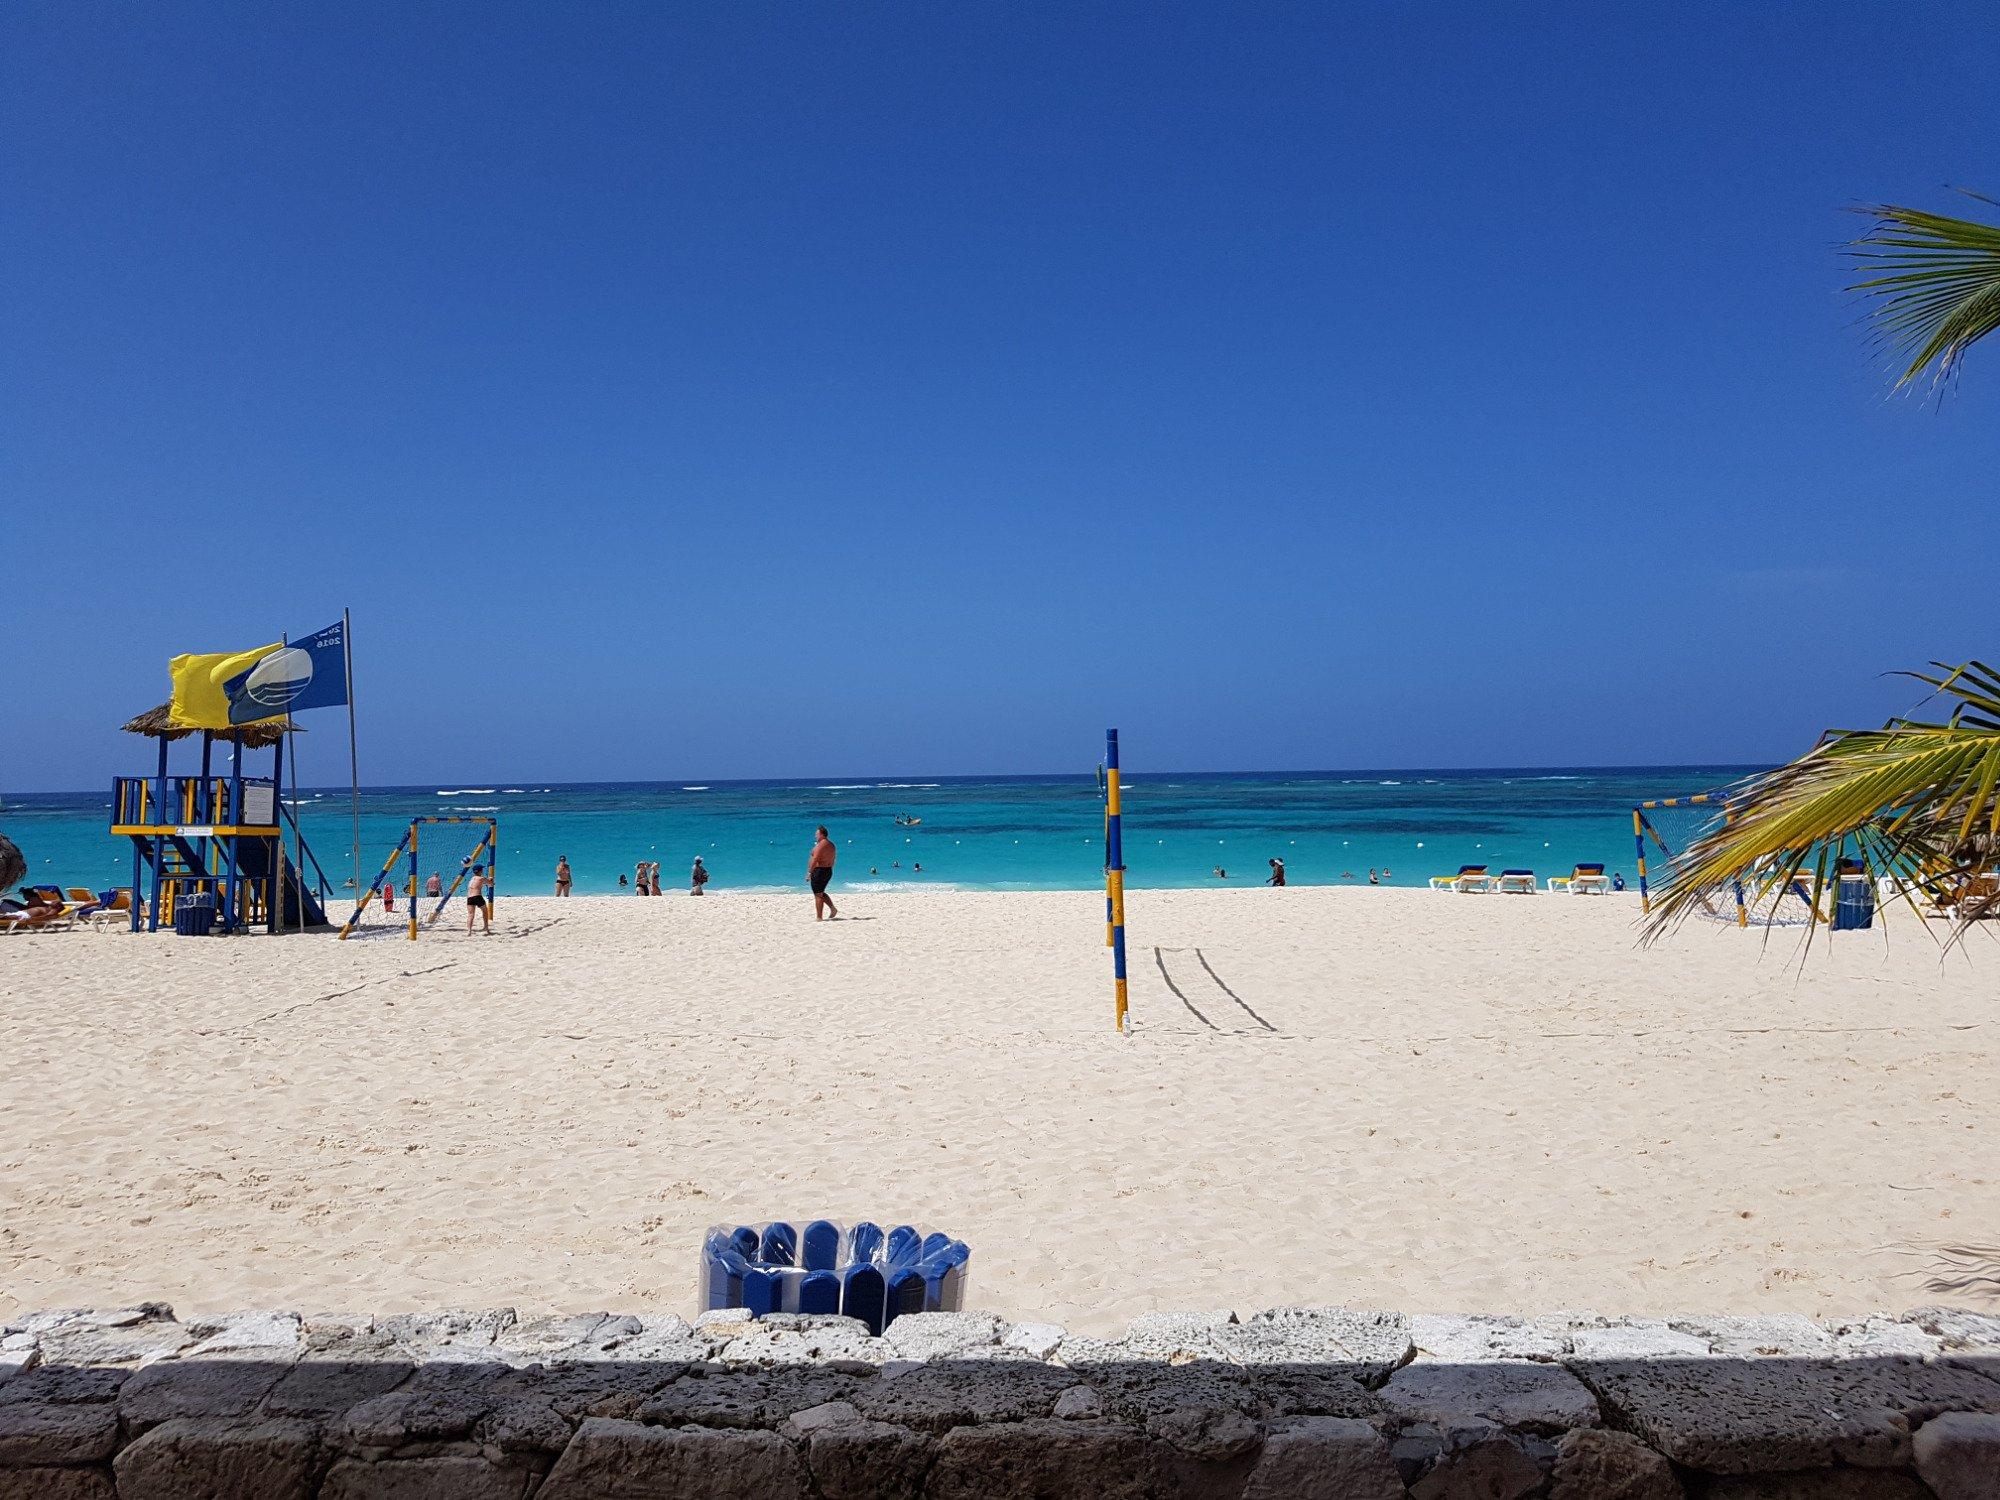 Sur le bord de la plage